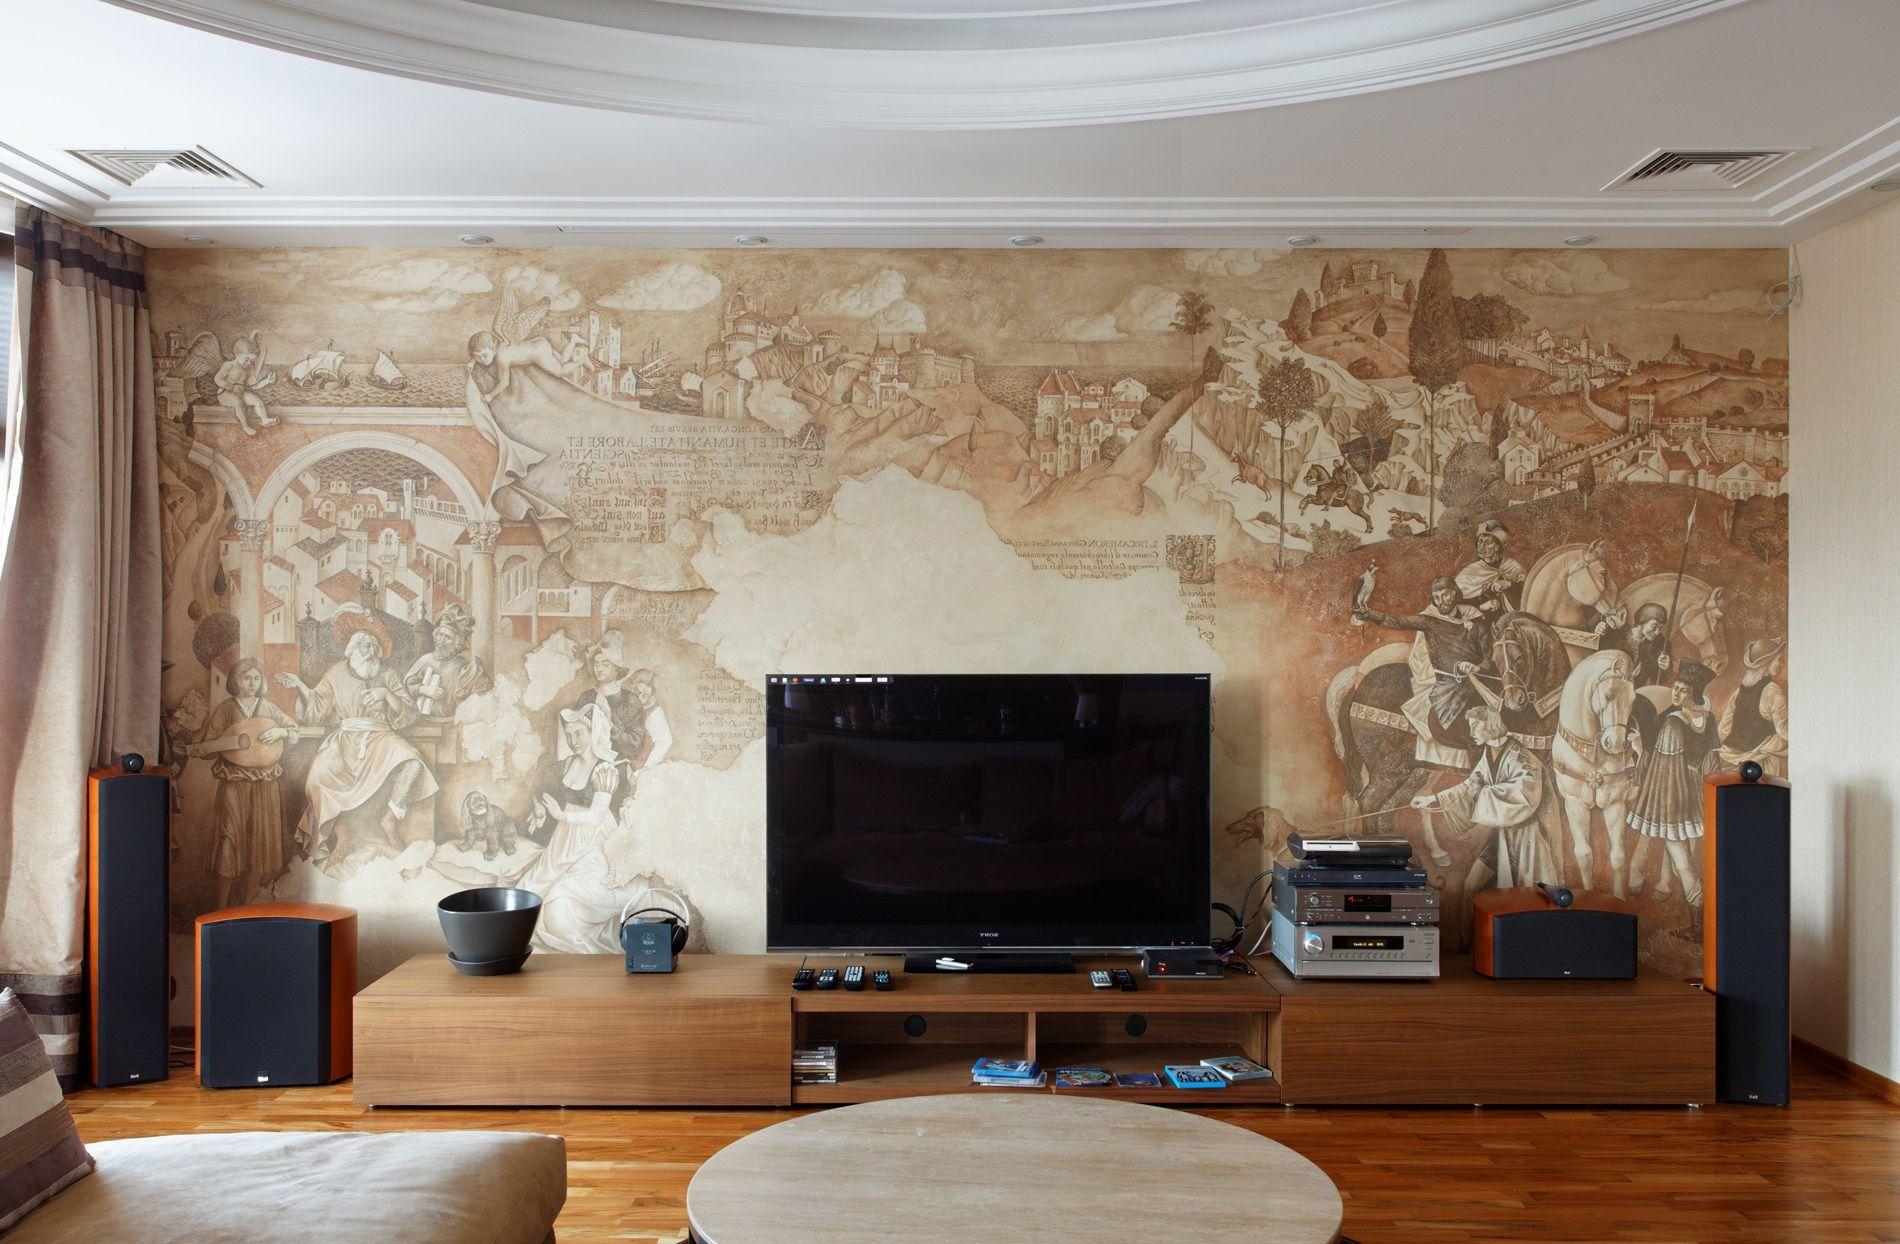 Роспись на стене - один из атрибутов неоклассического стиля